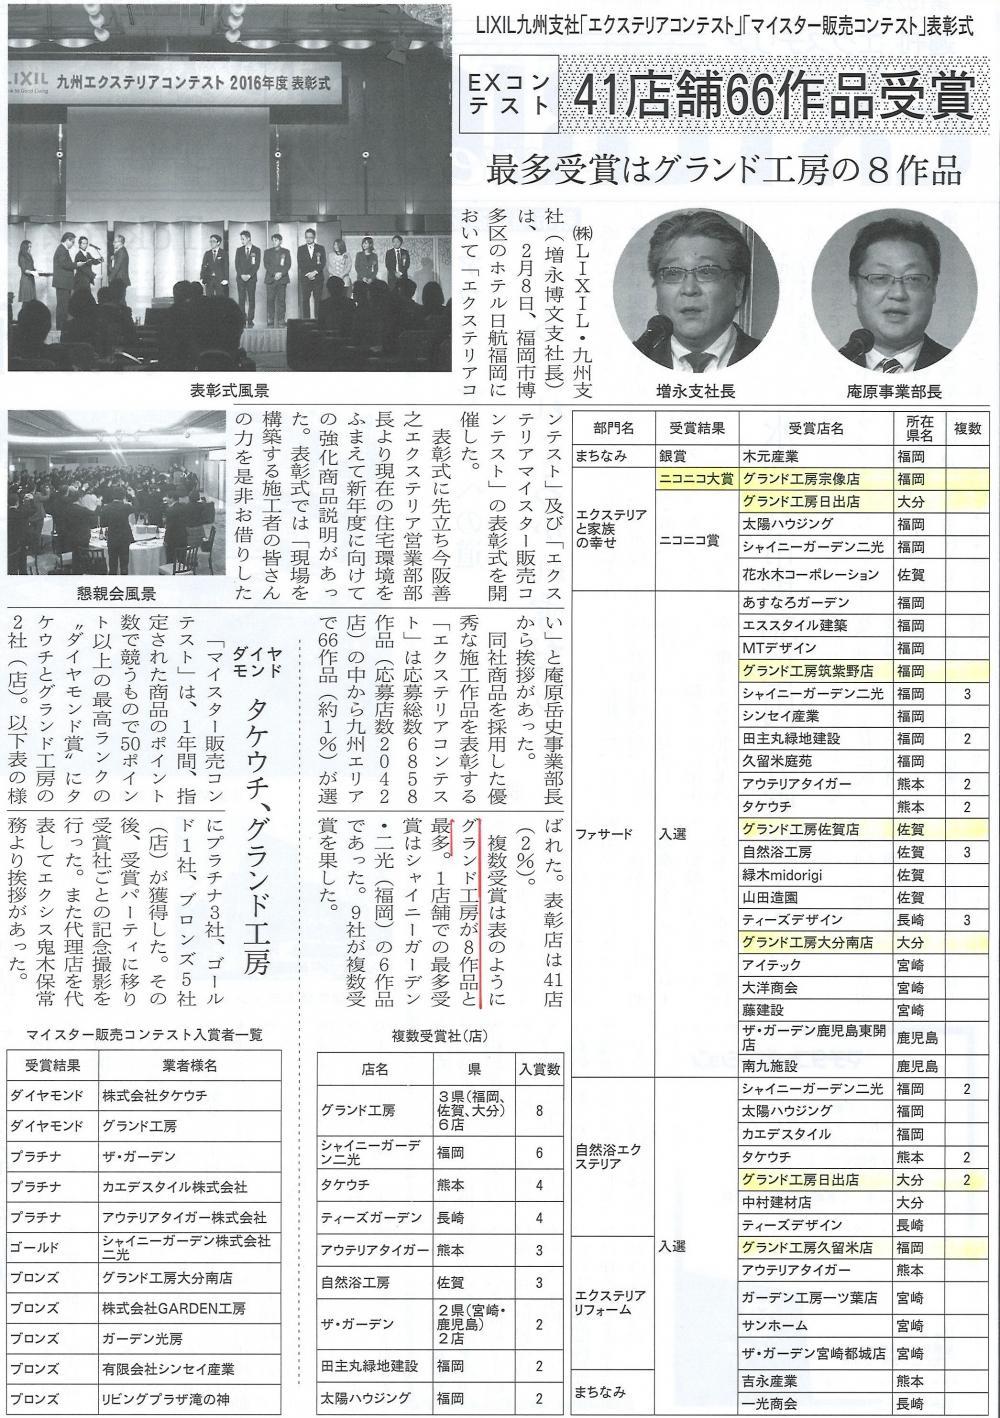 『週刊エクステリア』にてLIXIL九州エクステリアコンテスト2016年度表彰式の...